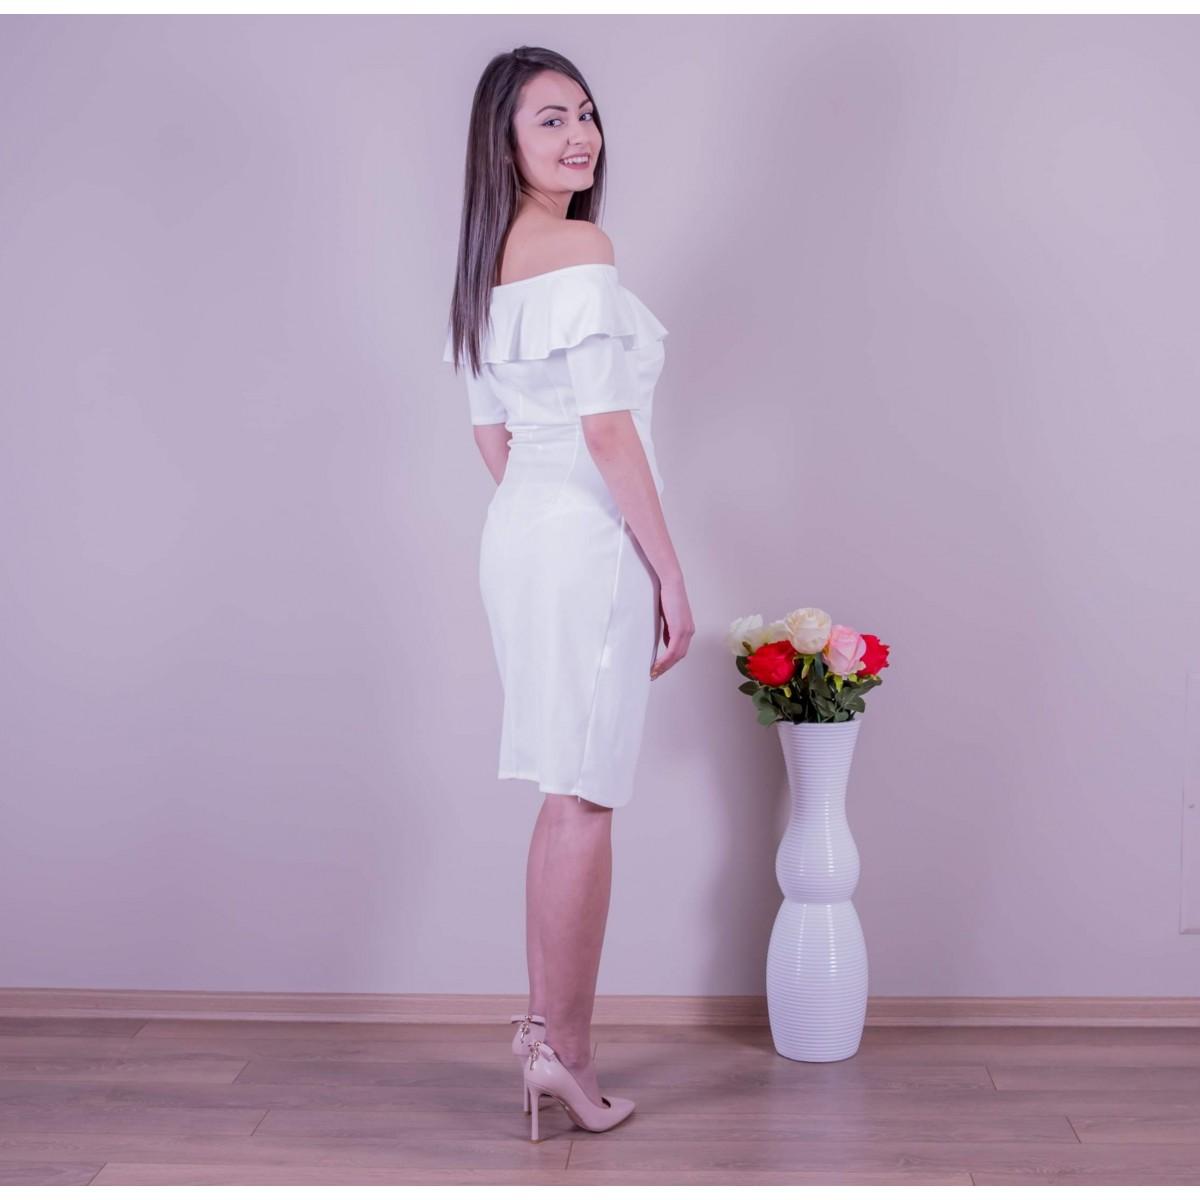 Бяла рокля с цепка  Снимка 2 от 2